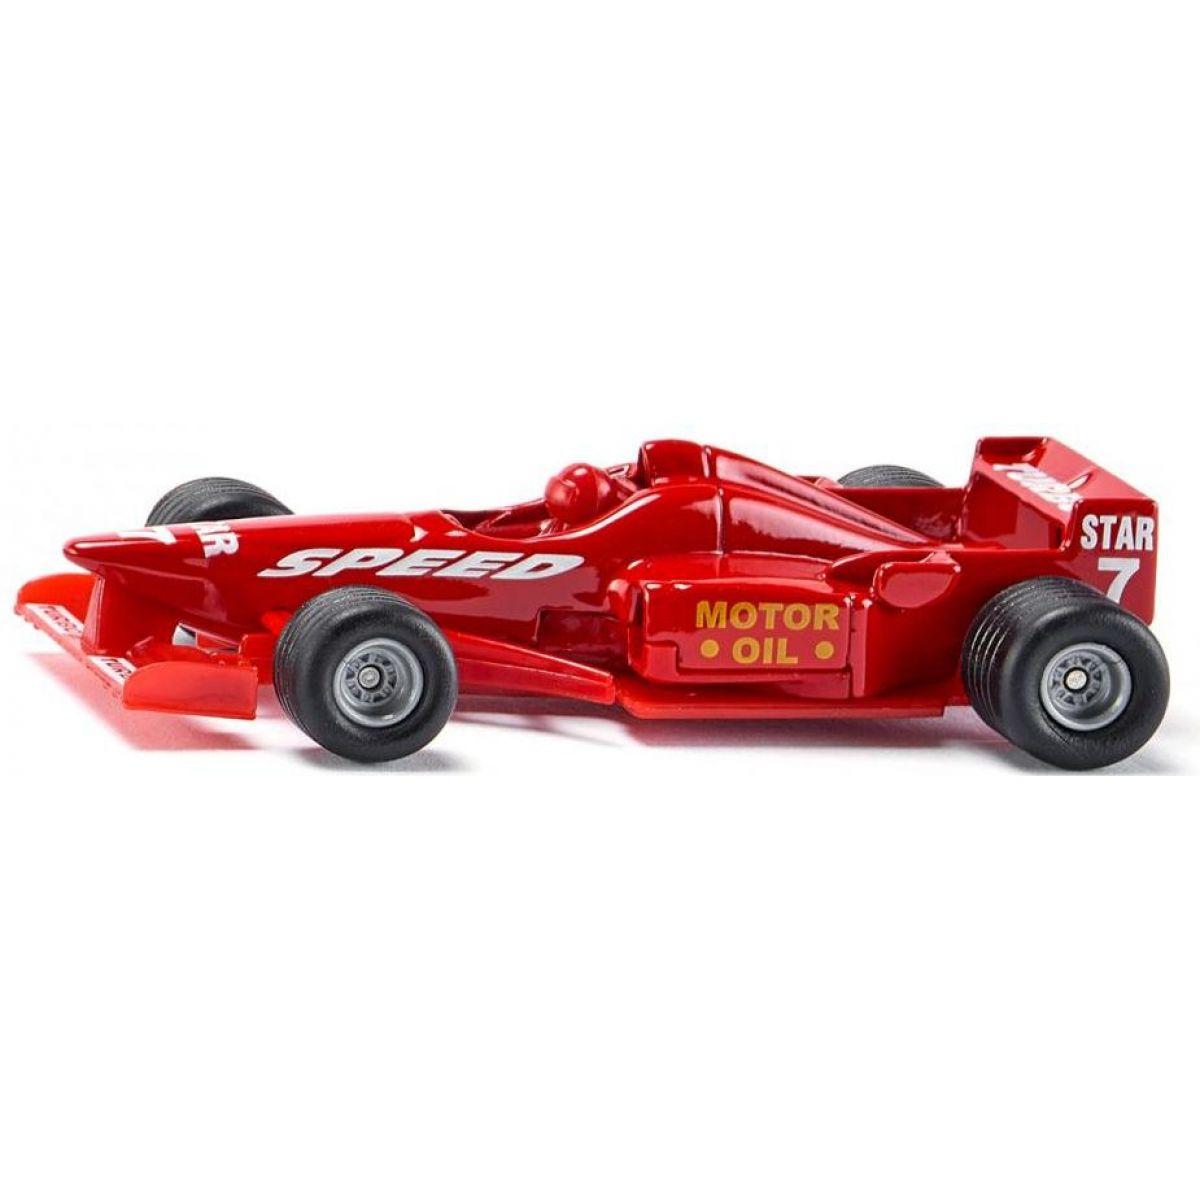 Siku Kovový model auta SIKU Blister Závodní auto Formule 1 7407